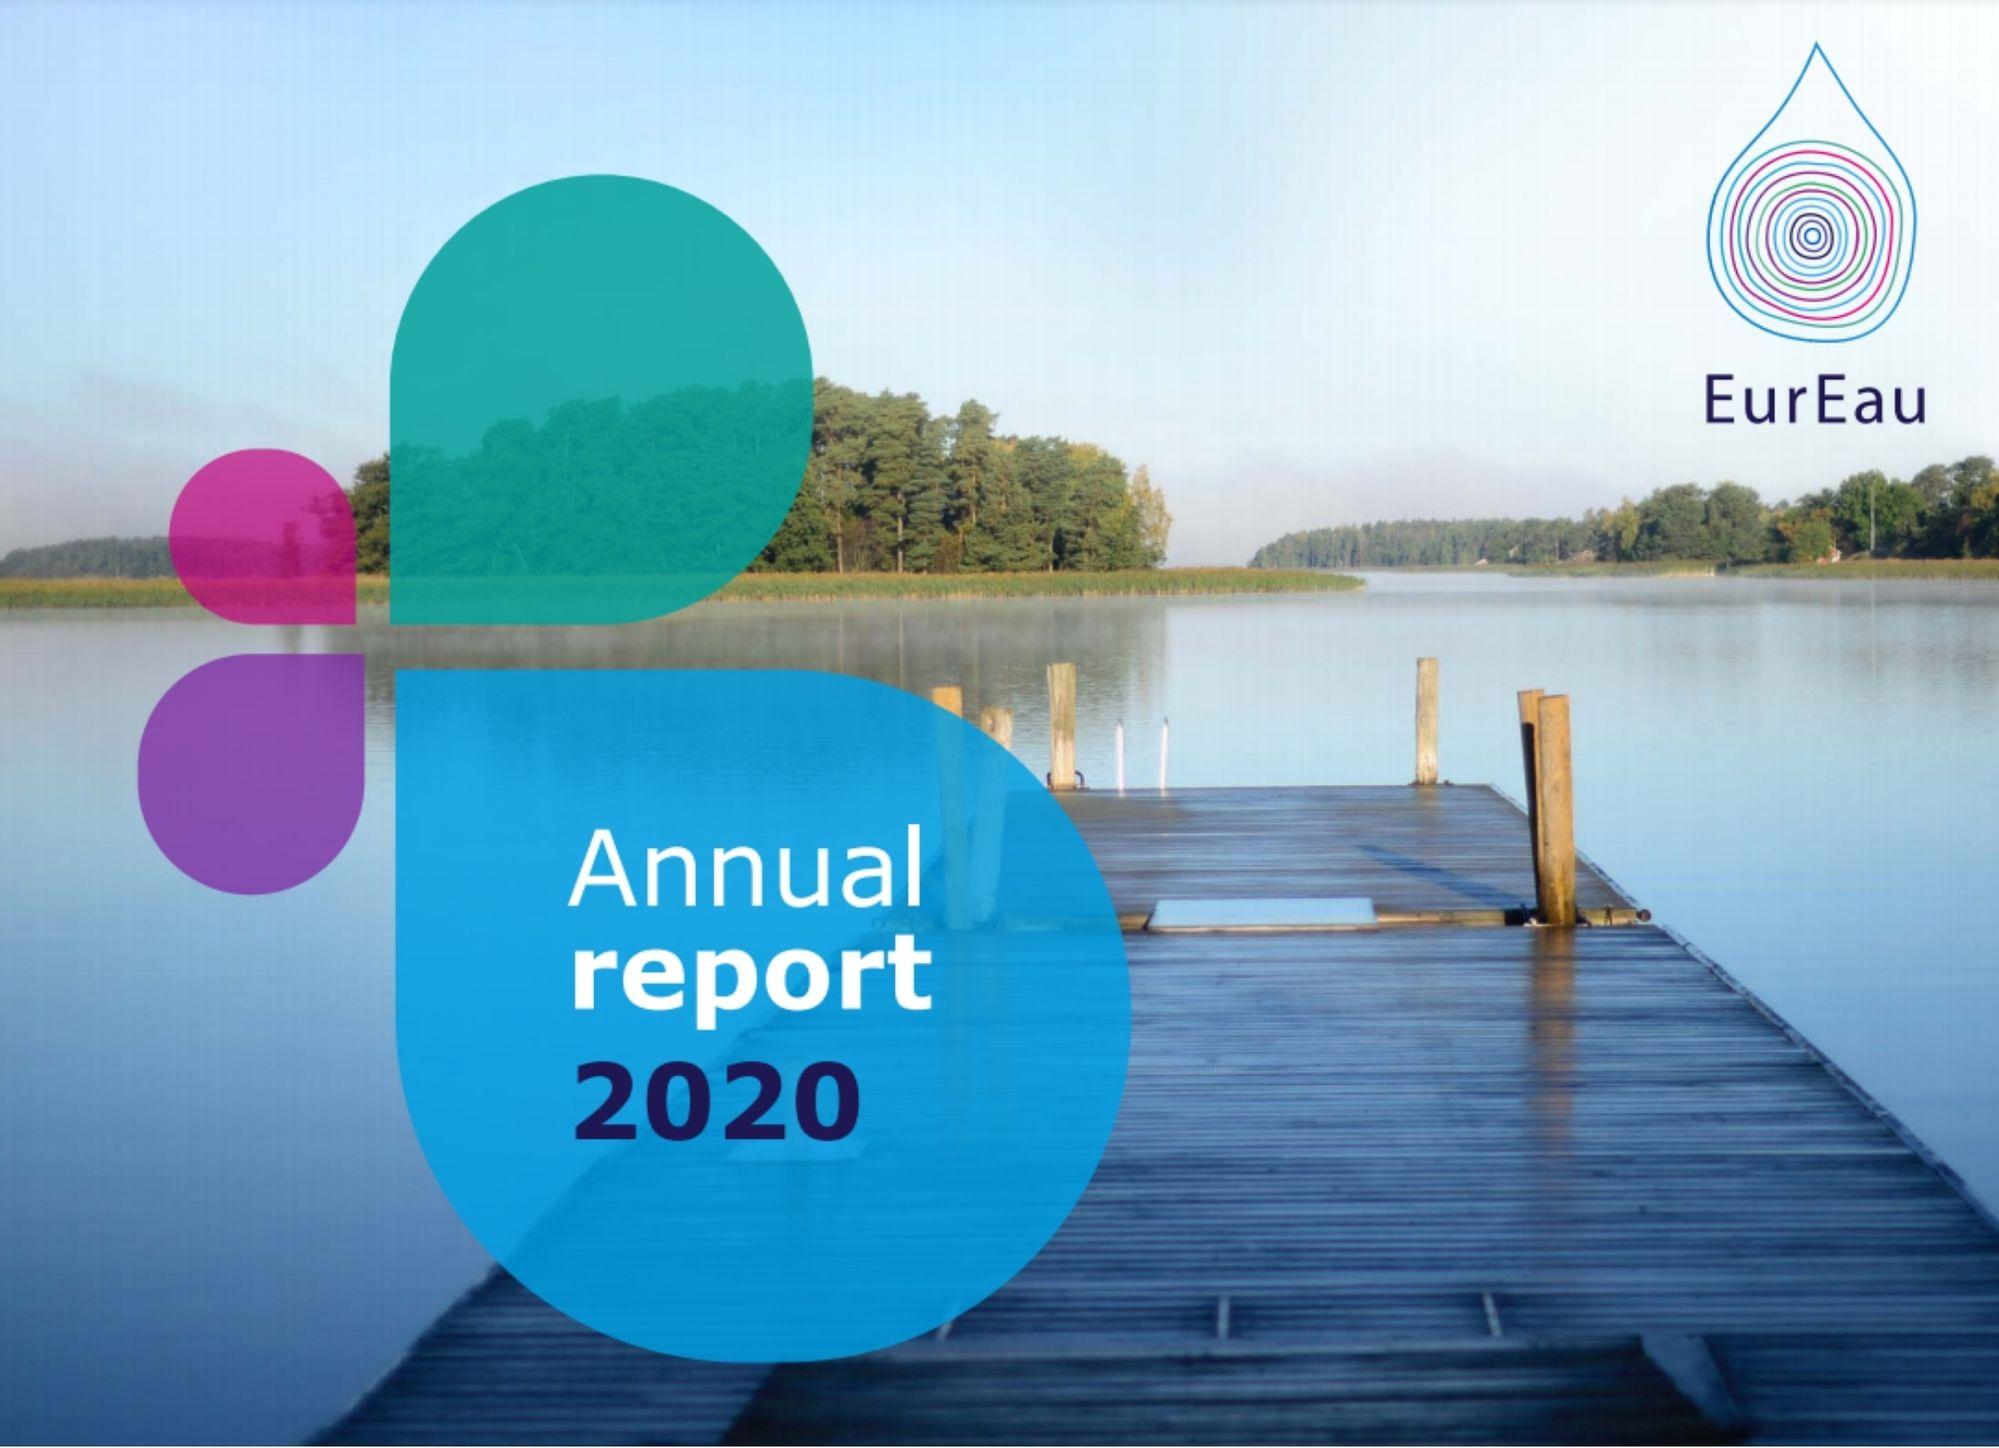 EurEau Annual Report 2020